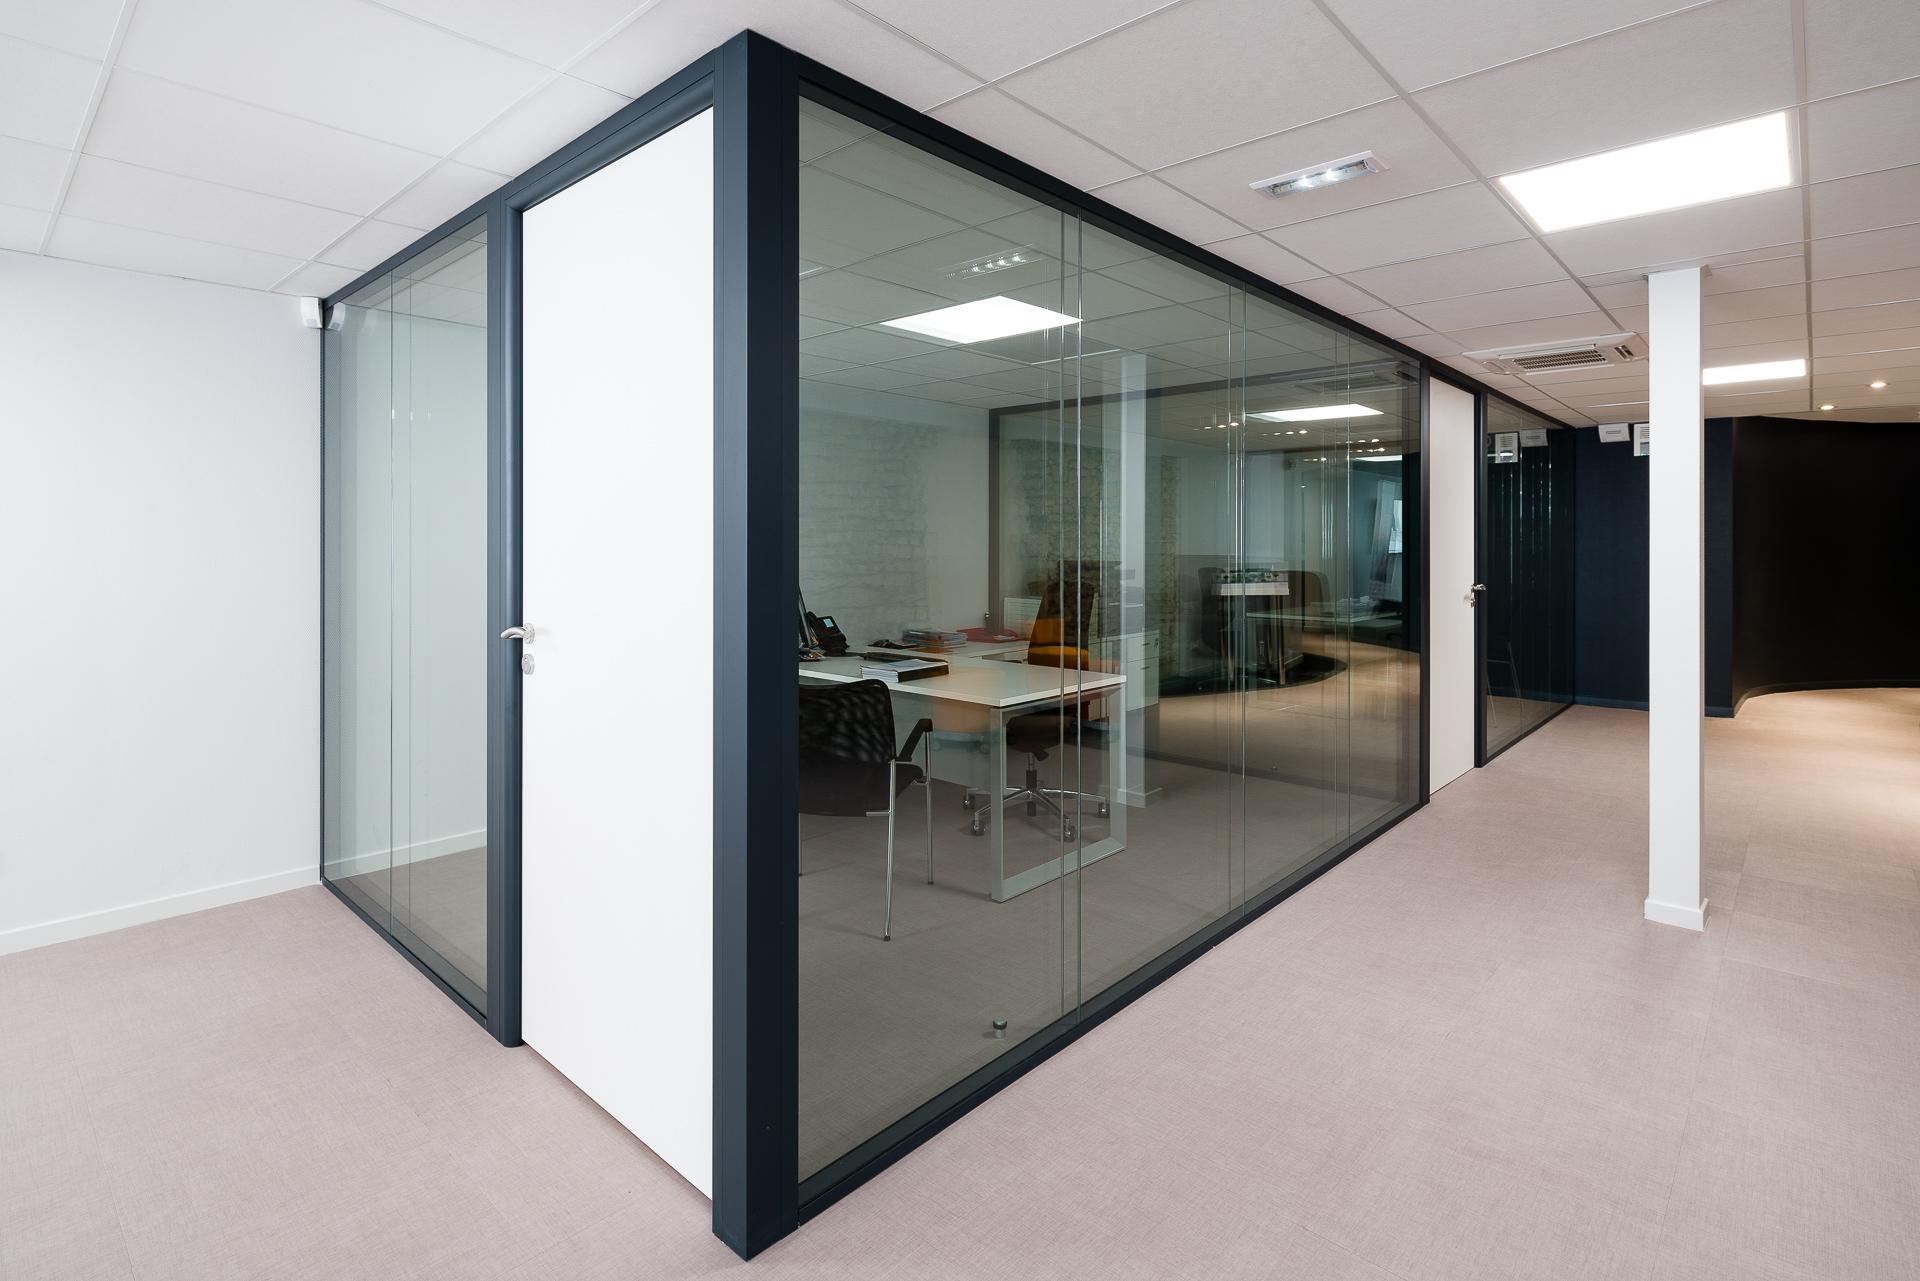 Cloison vitr e bureau acoustique cloisons isola i bureau cloison de s paration acoustique - Isolation phonique bureau ...